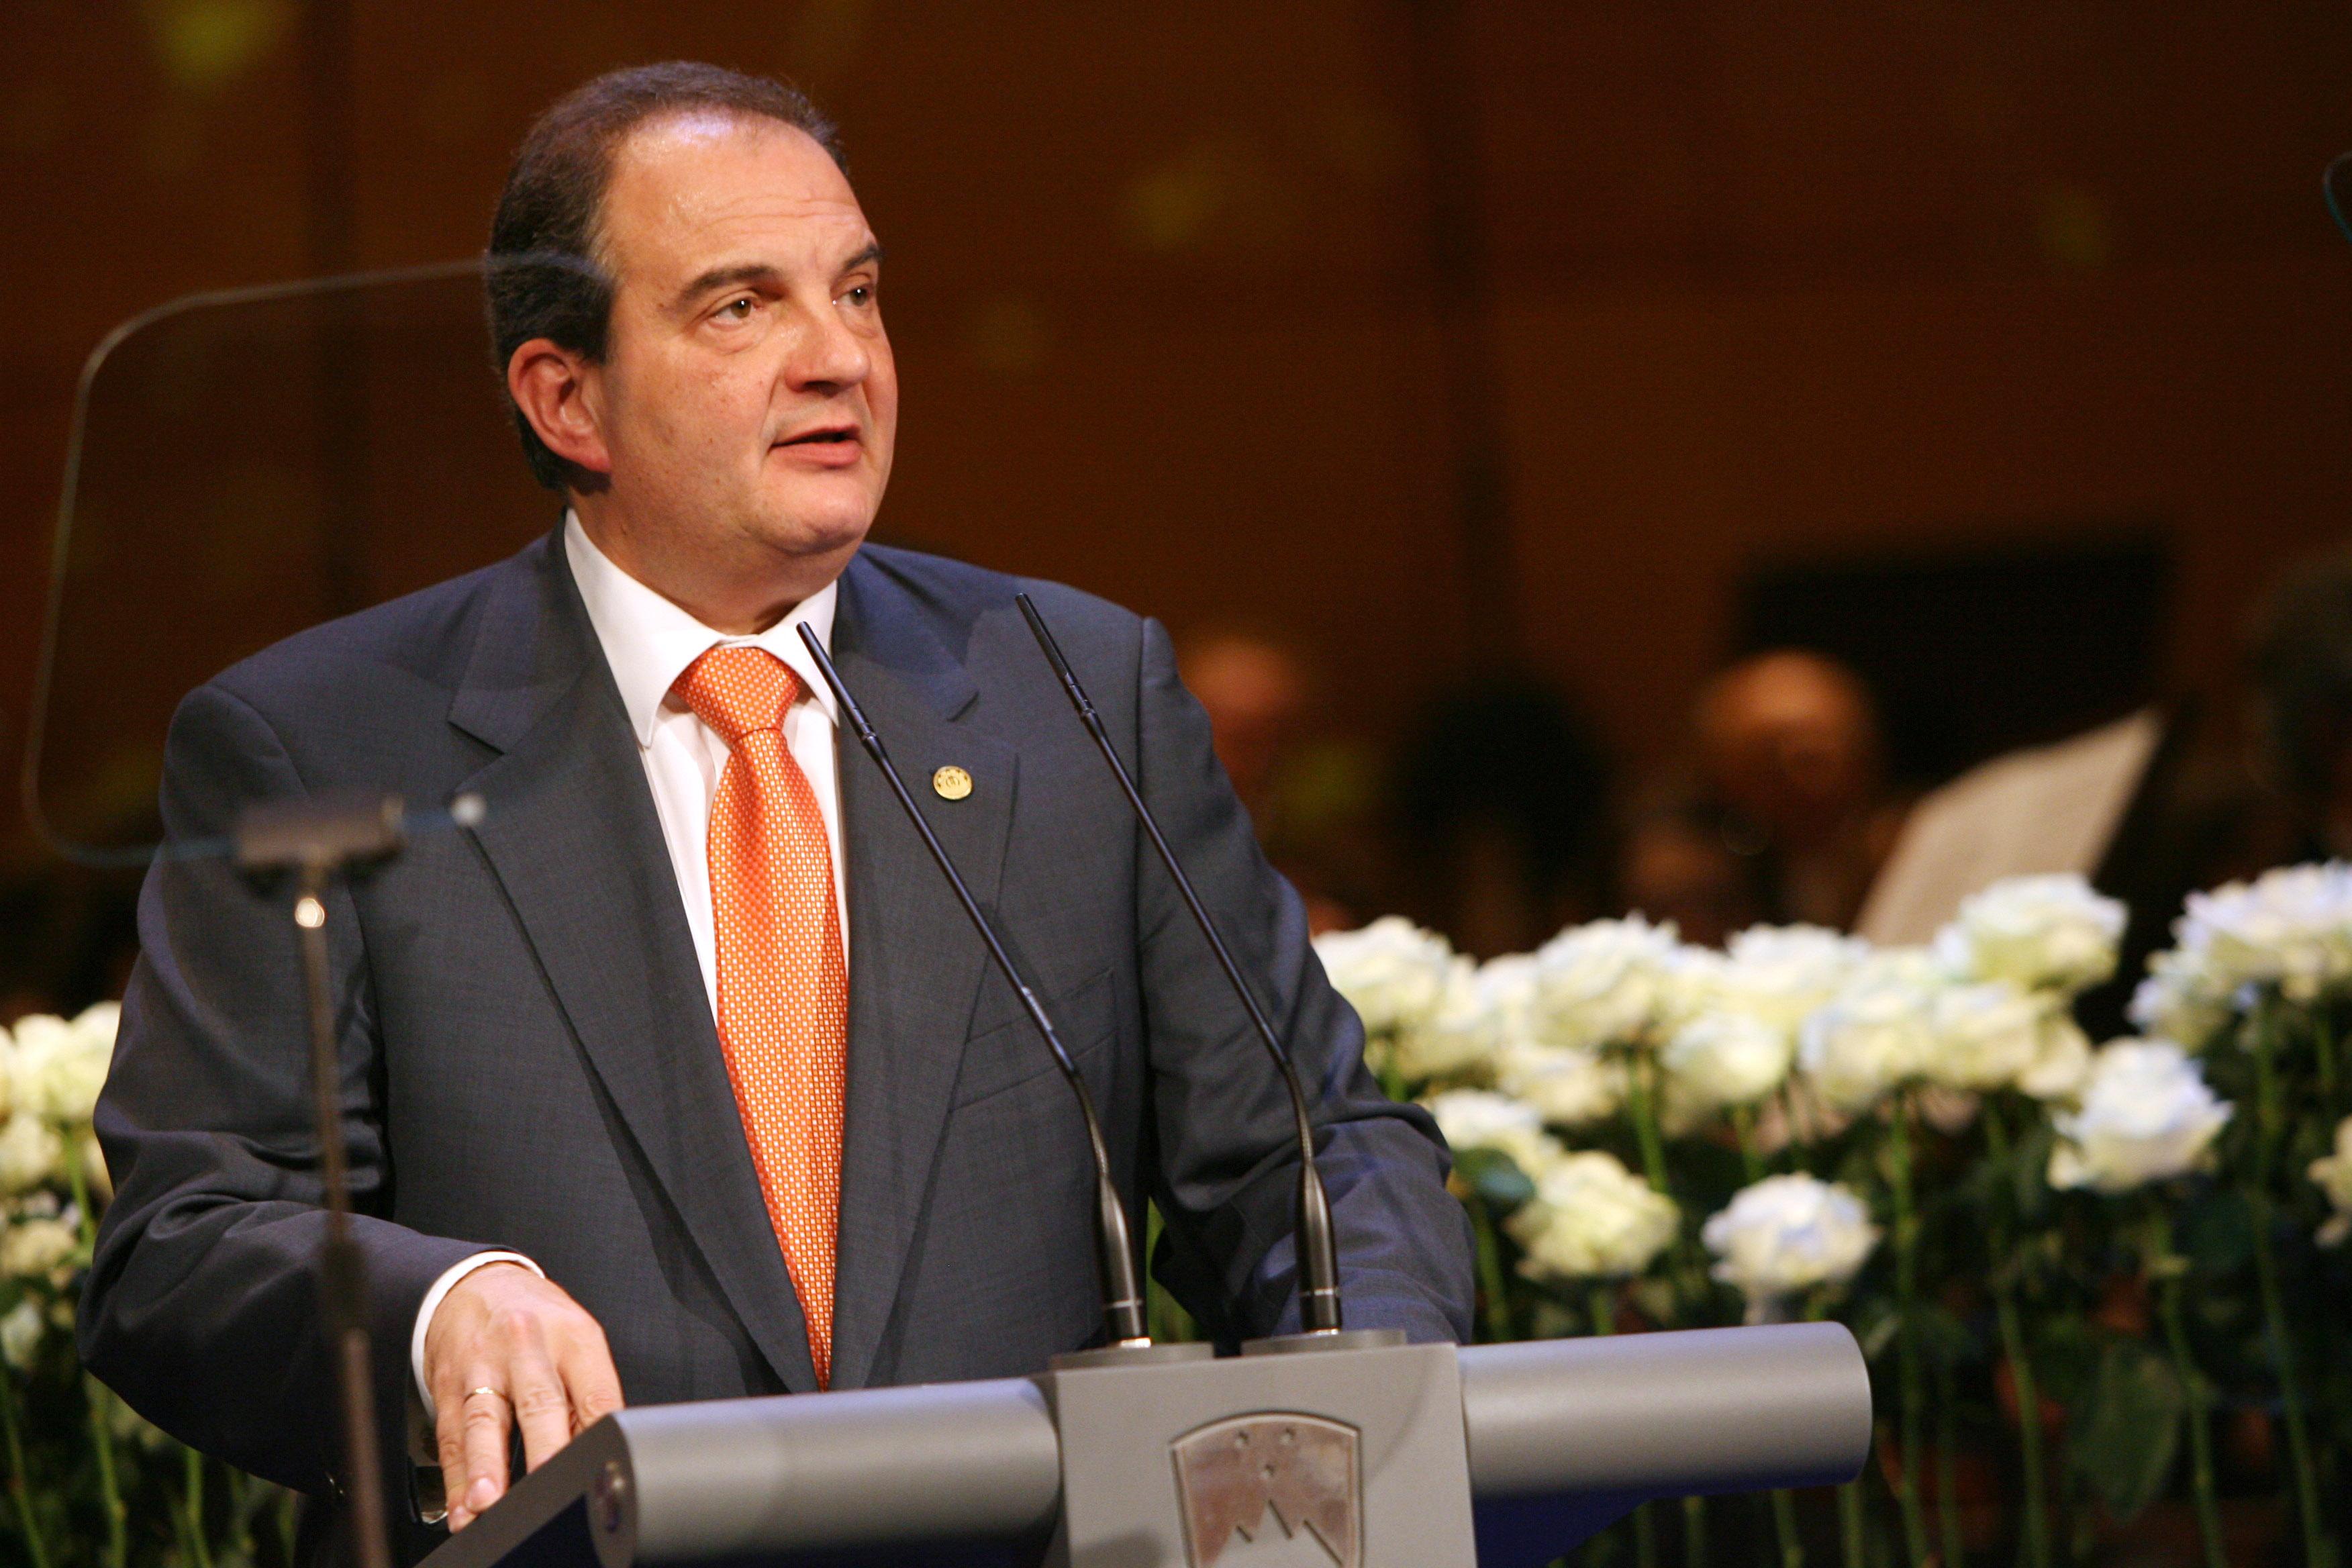 Ήταν 21 Μαρτίου 1997 και νέος πρόεδρος της Νέας Δημοκρατίας εκλεγόταν ο Κώστας Καραμανλής.